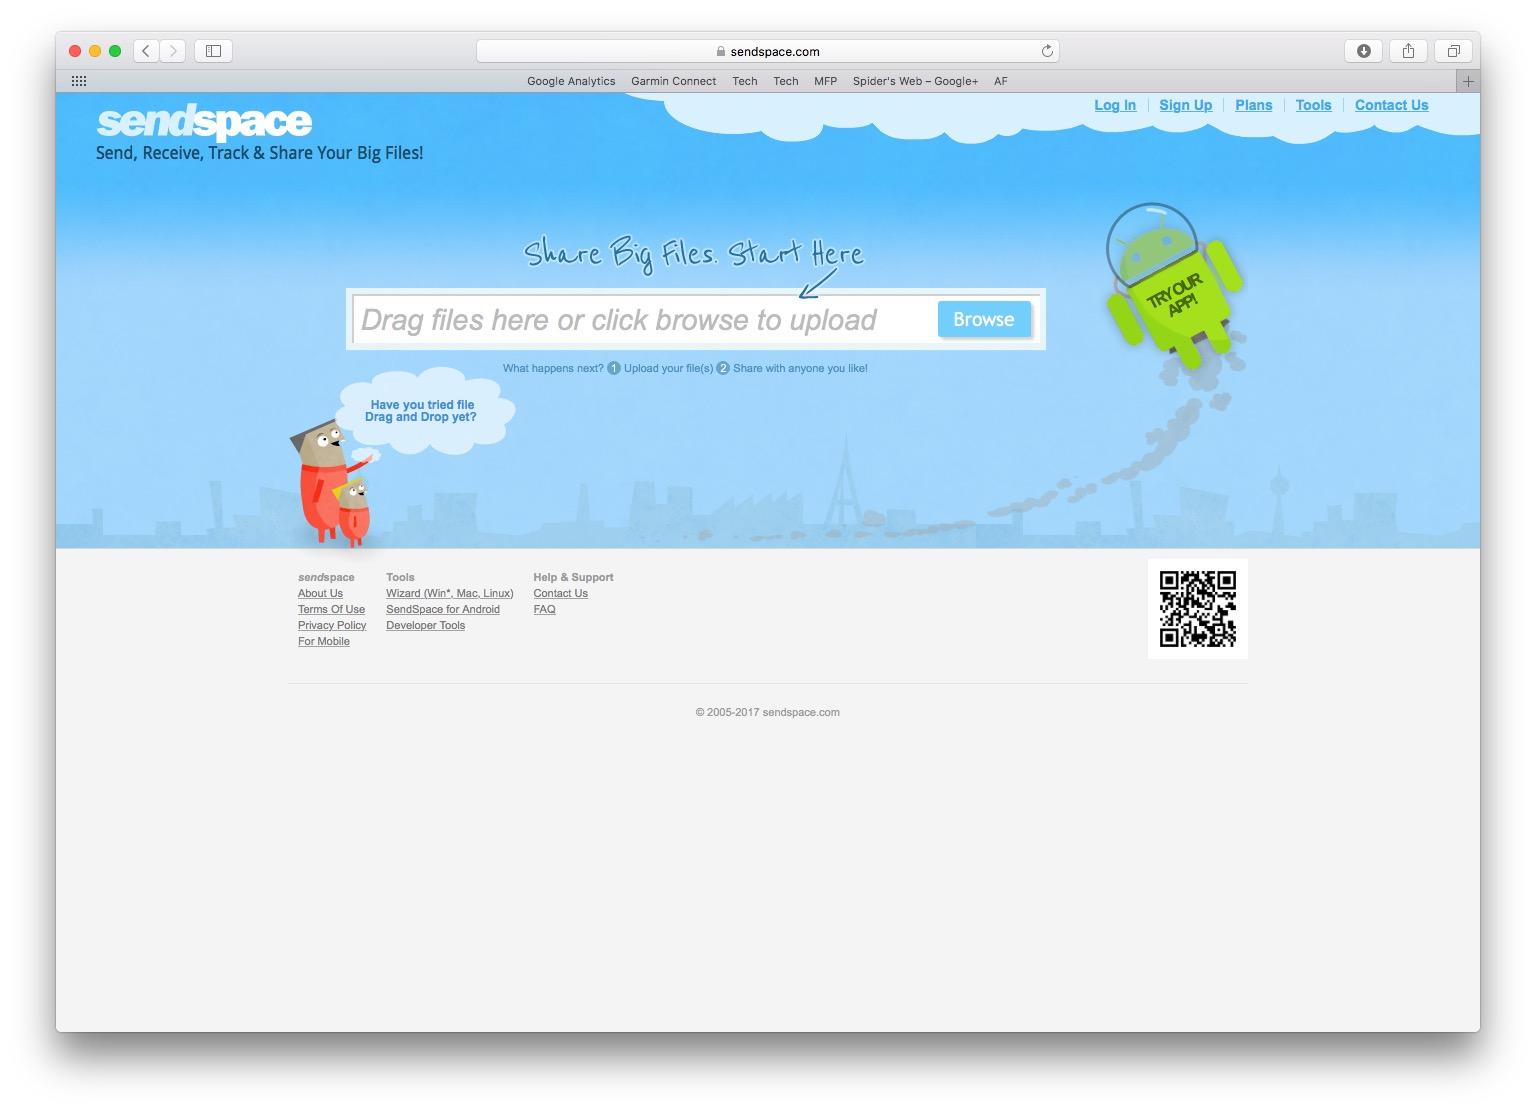 Jak wysłać duży plik za darmo? Można skorzystać z serwisu Sendspace